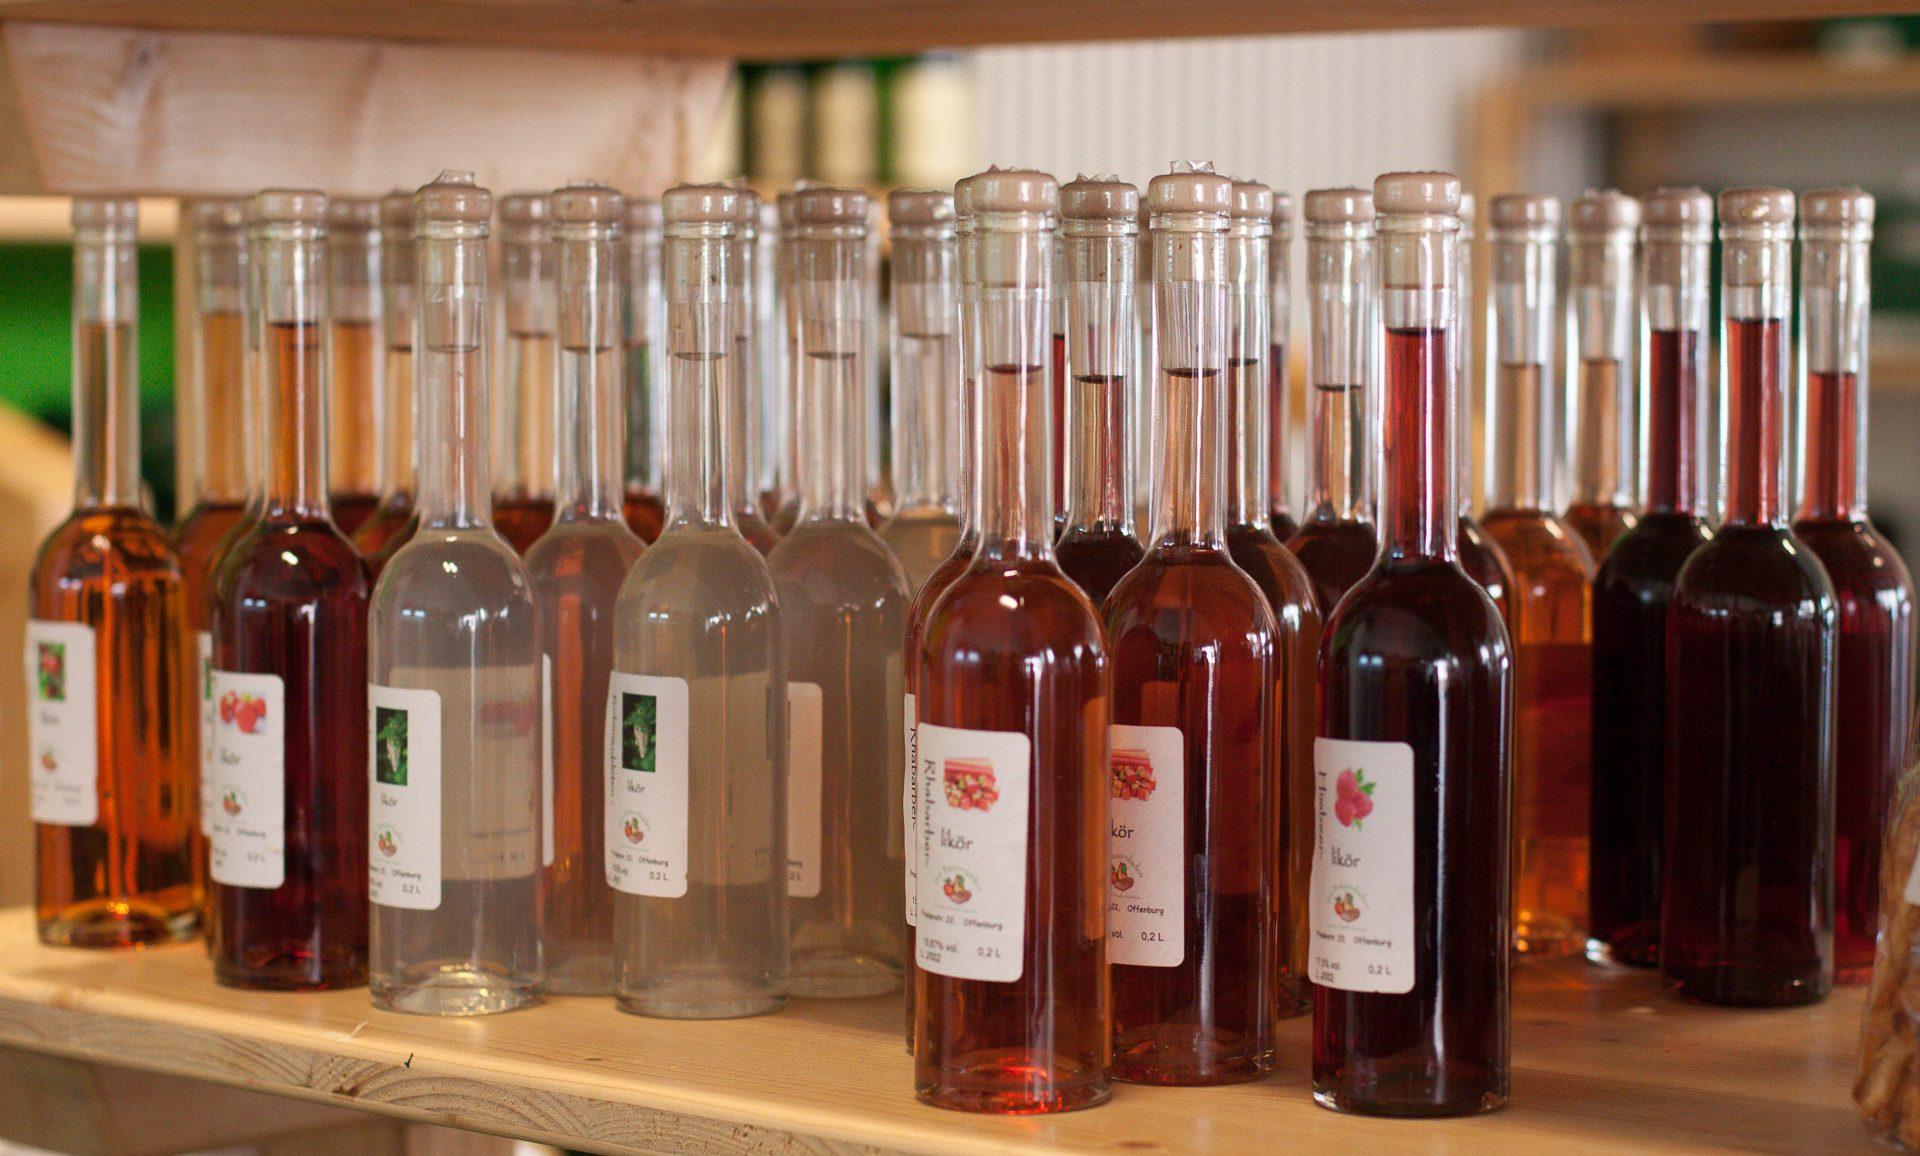 Liköre, Brände, Geiste - Unsere eigene Brennerei bringt Qualitätsprodukte hervor, die Sie auch in unserem Bauernladen in Offenburg erwerben können.